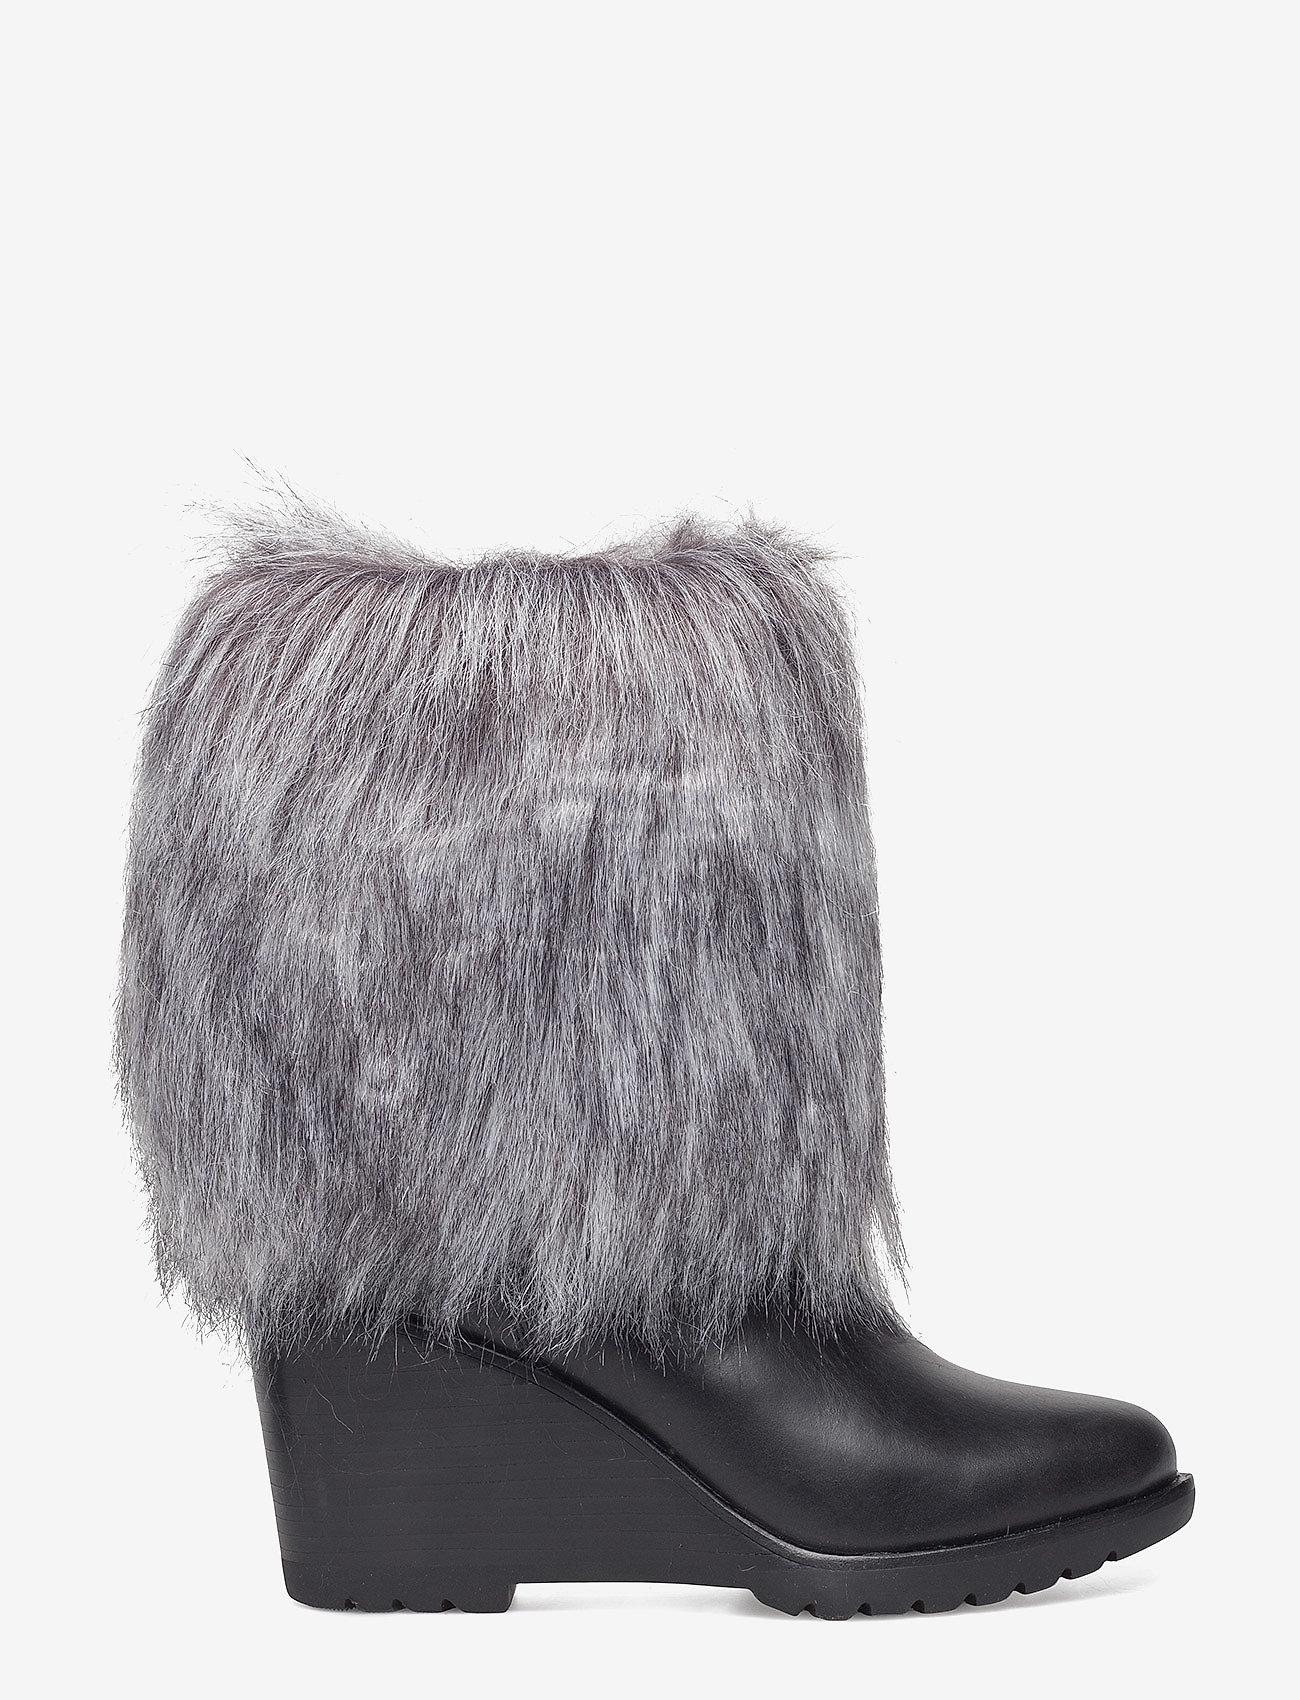 Sorel - PARK CITY SHORT - gevoerde schoenen - black - 1